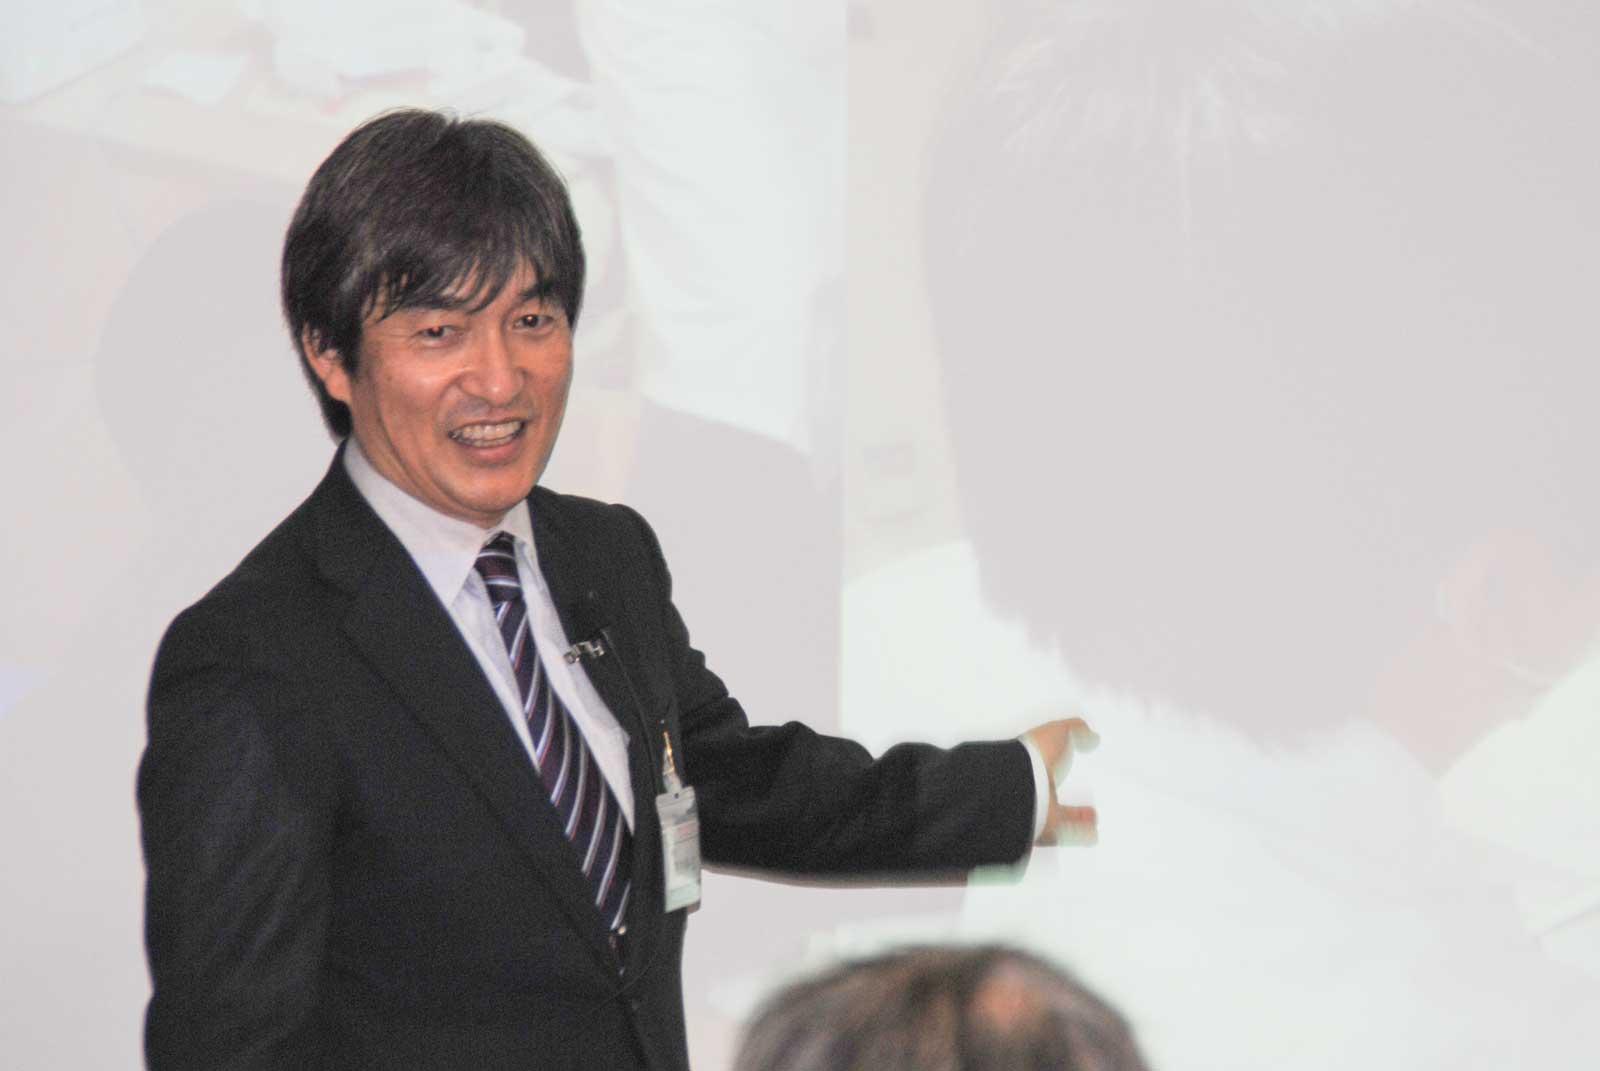 クリニカルベーシックセミナー15講義風景2(植田 耕一郎先生)